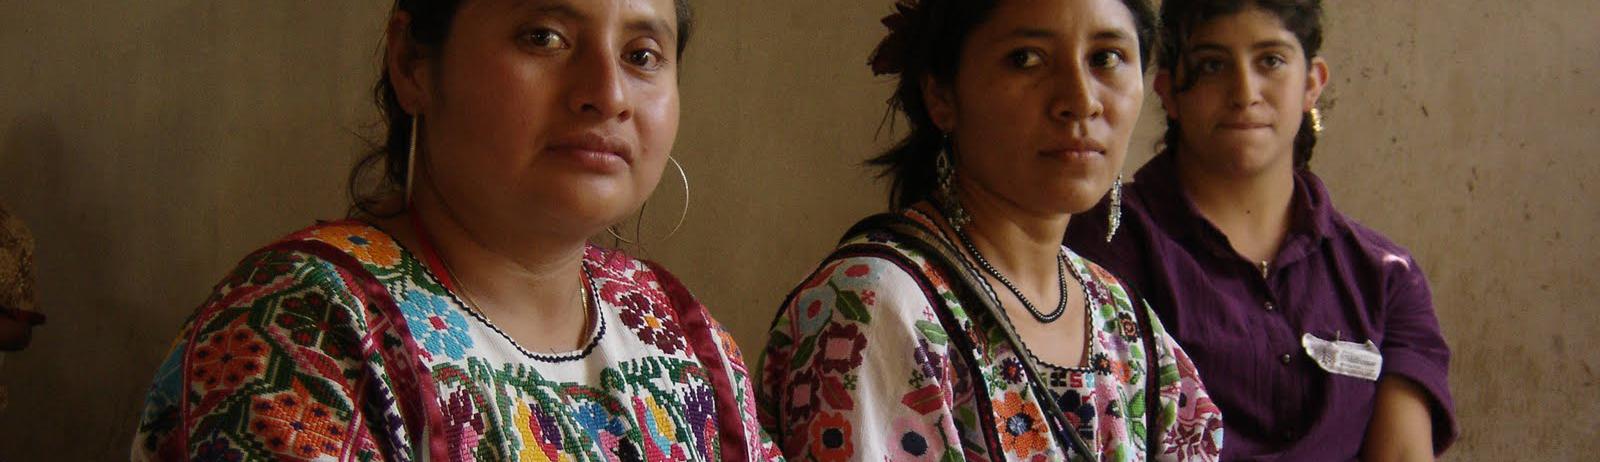 Xochistlahuaca